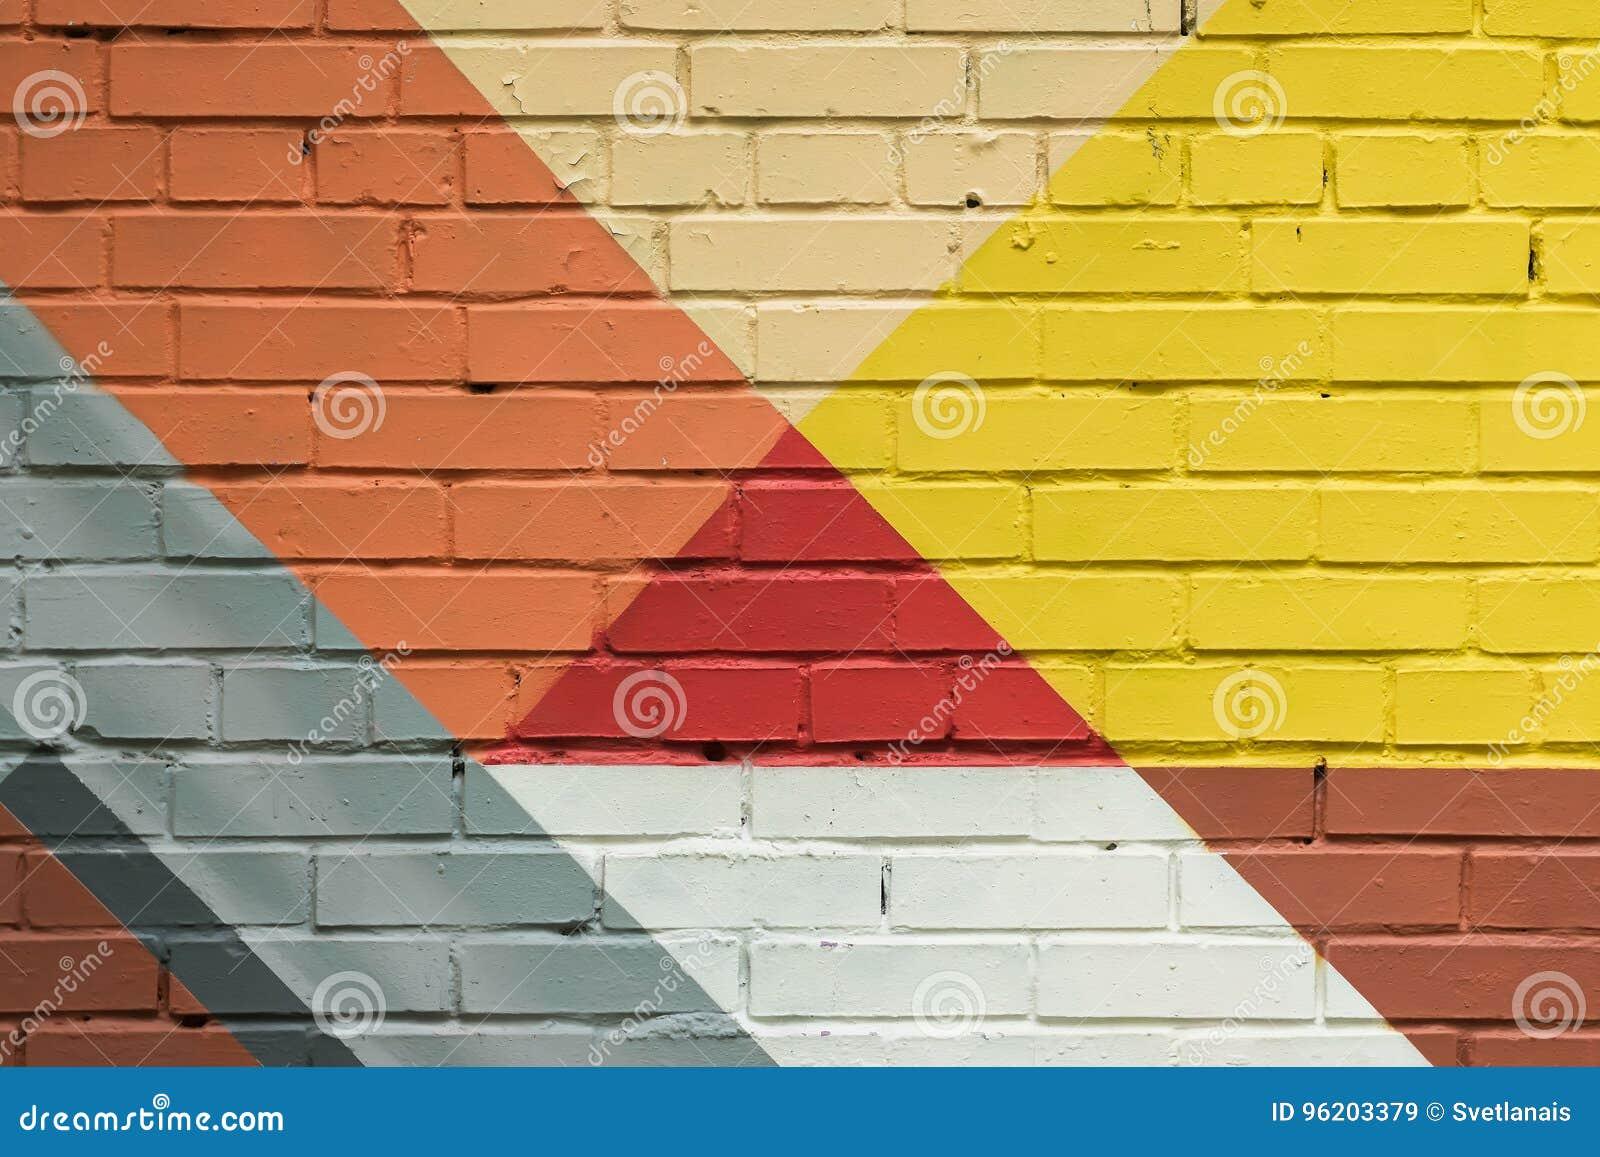 Αφηρημένα γκράφιτι στον τοίχο, πολύ μικρή λεπτομέρεια Κινηματογράφηση σε πρώτο πλάνο τέχνης οδών, μοντέρνο σχέδιο Μπορέστε να είσ